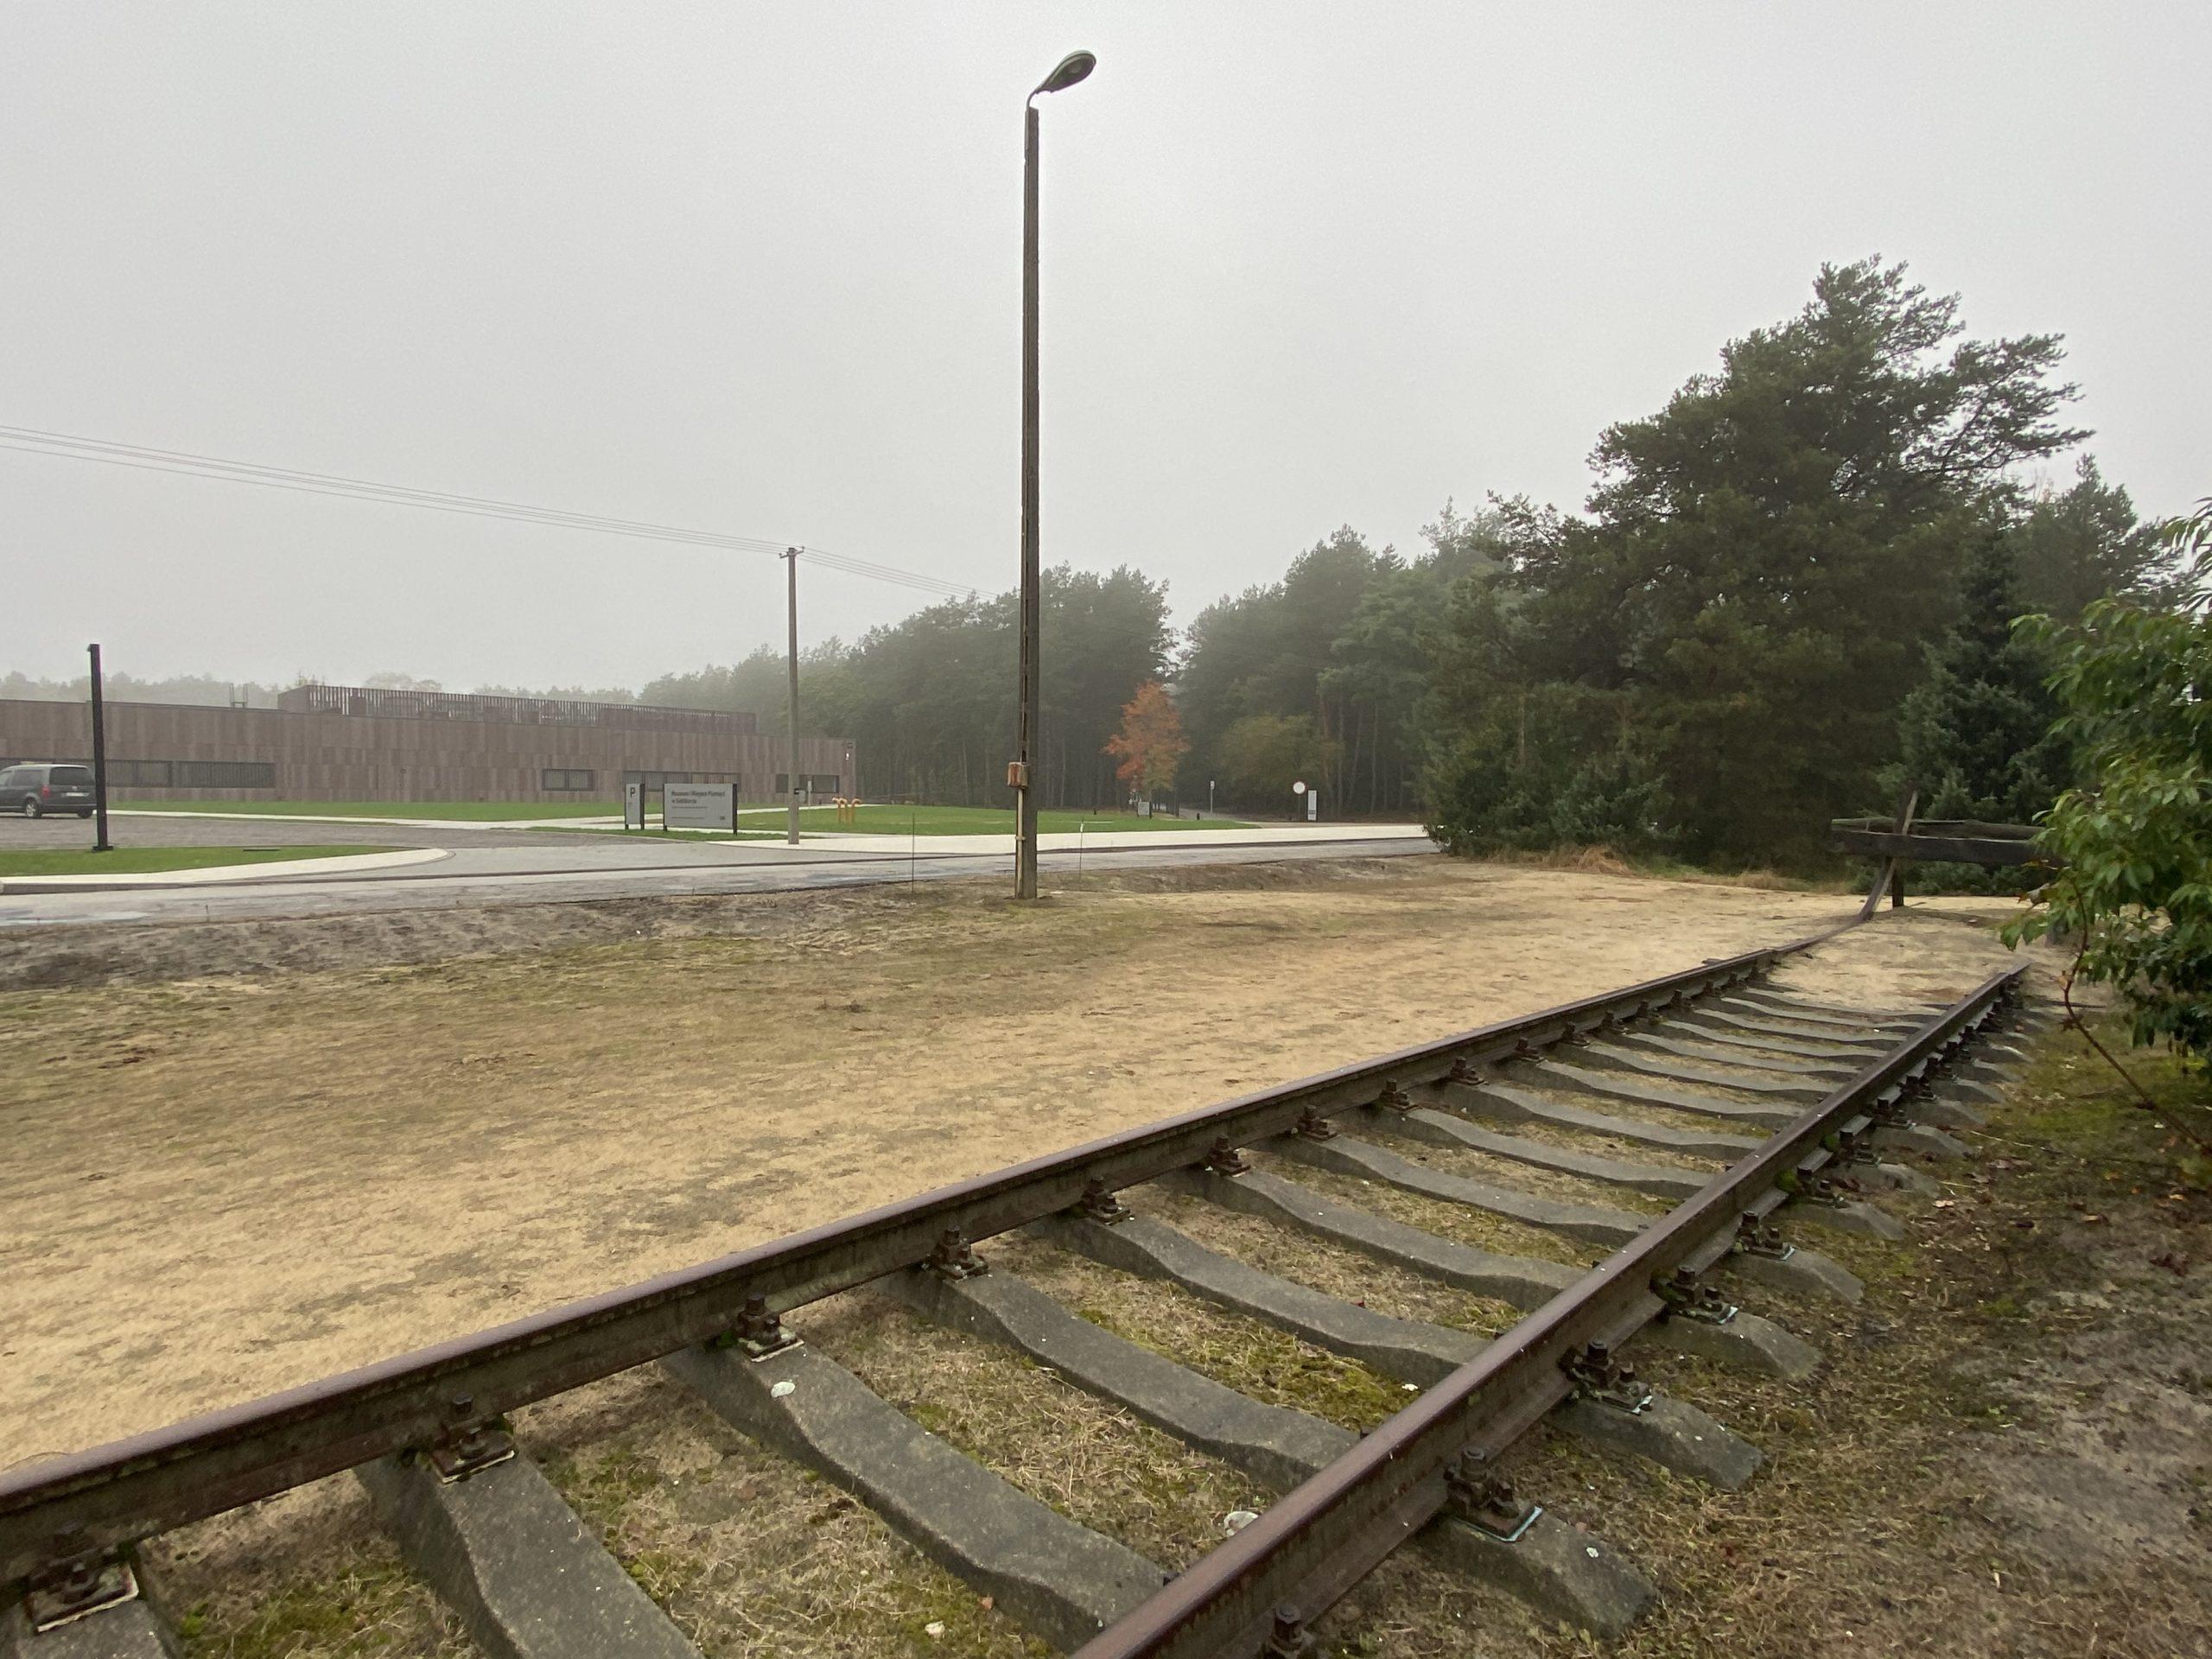 Gleise am ehemaligen deutschen Vernichtungslager Sobibor